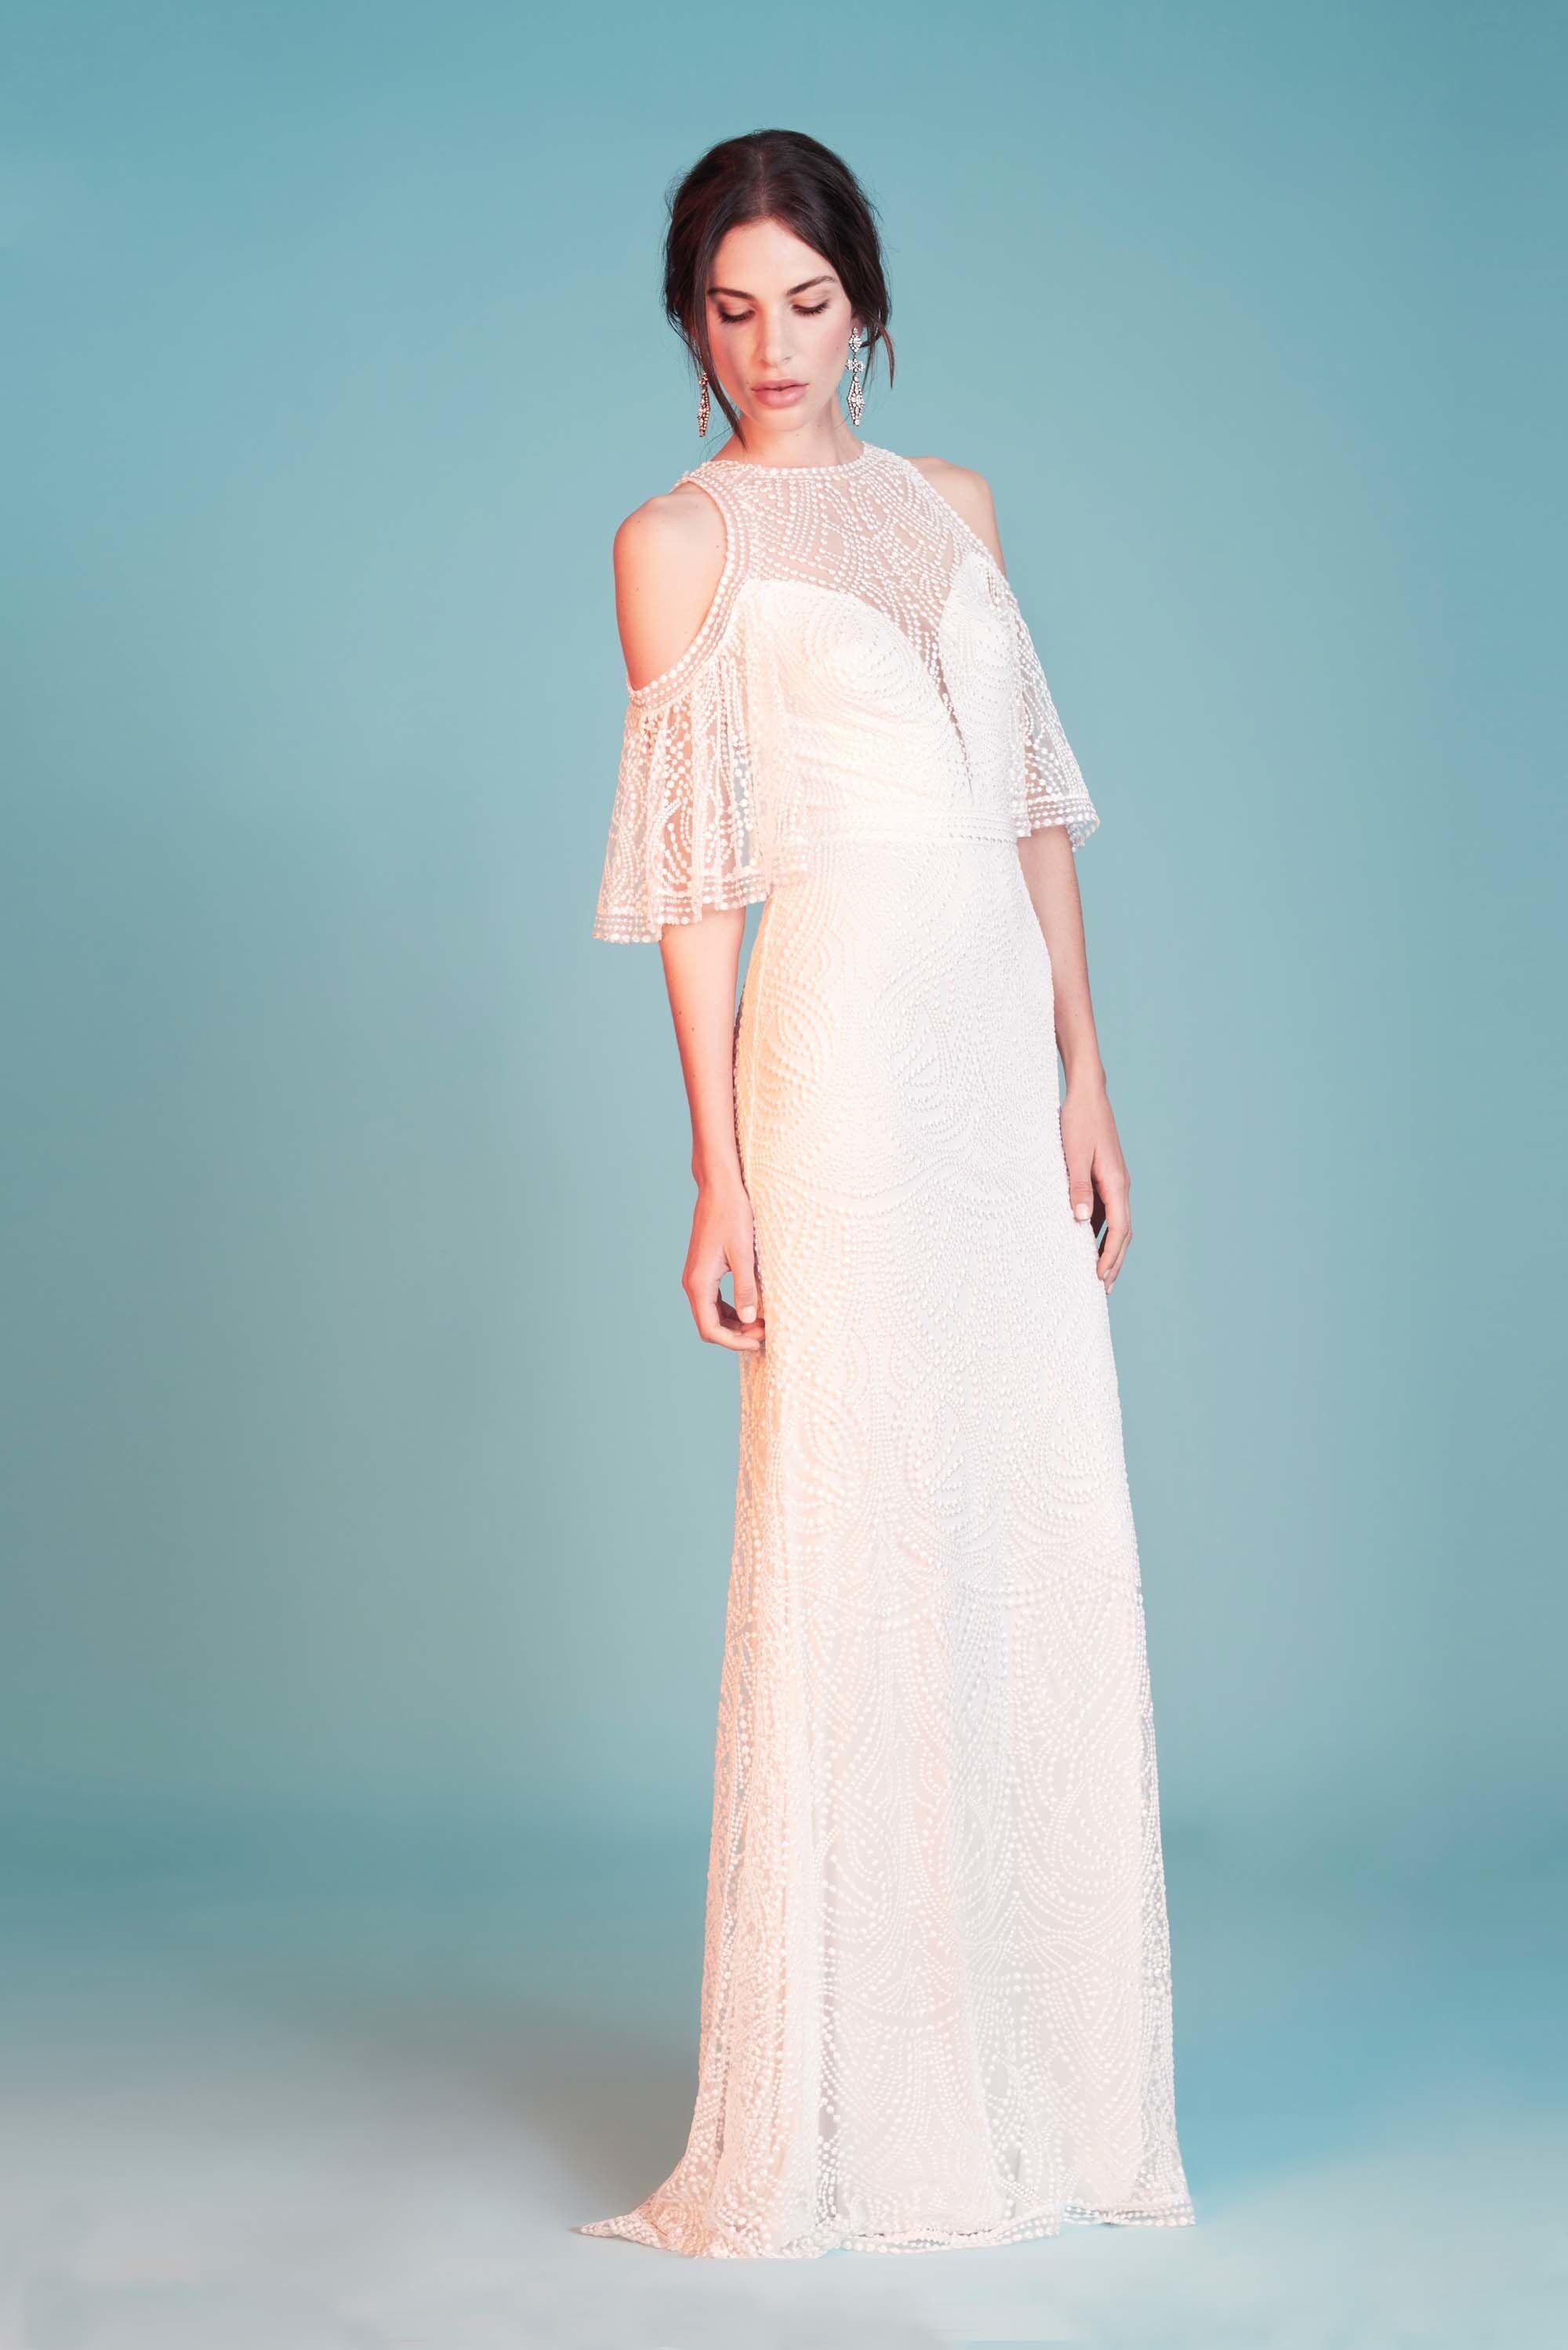 Tadashi Shoji Bridal Spring 2018 Fashion Show | Tadashi shoji ...